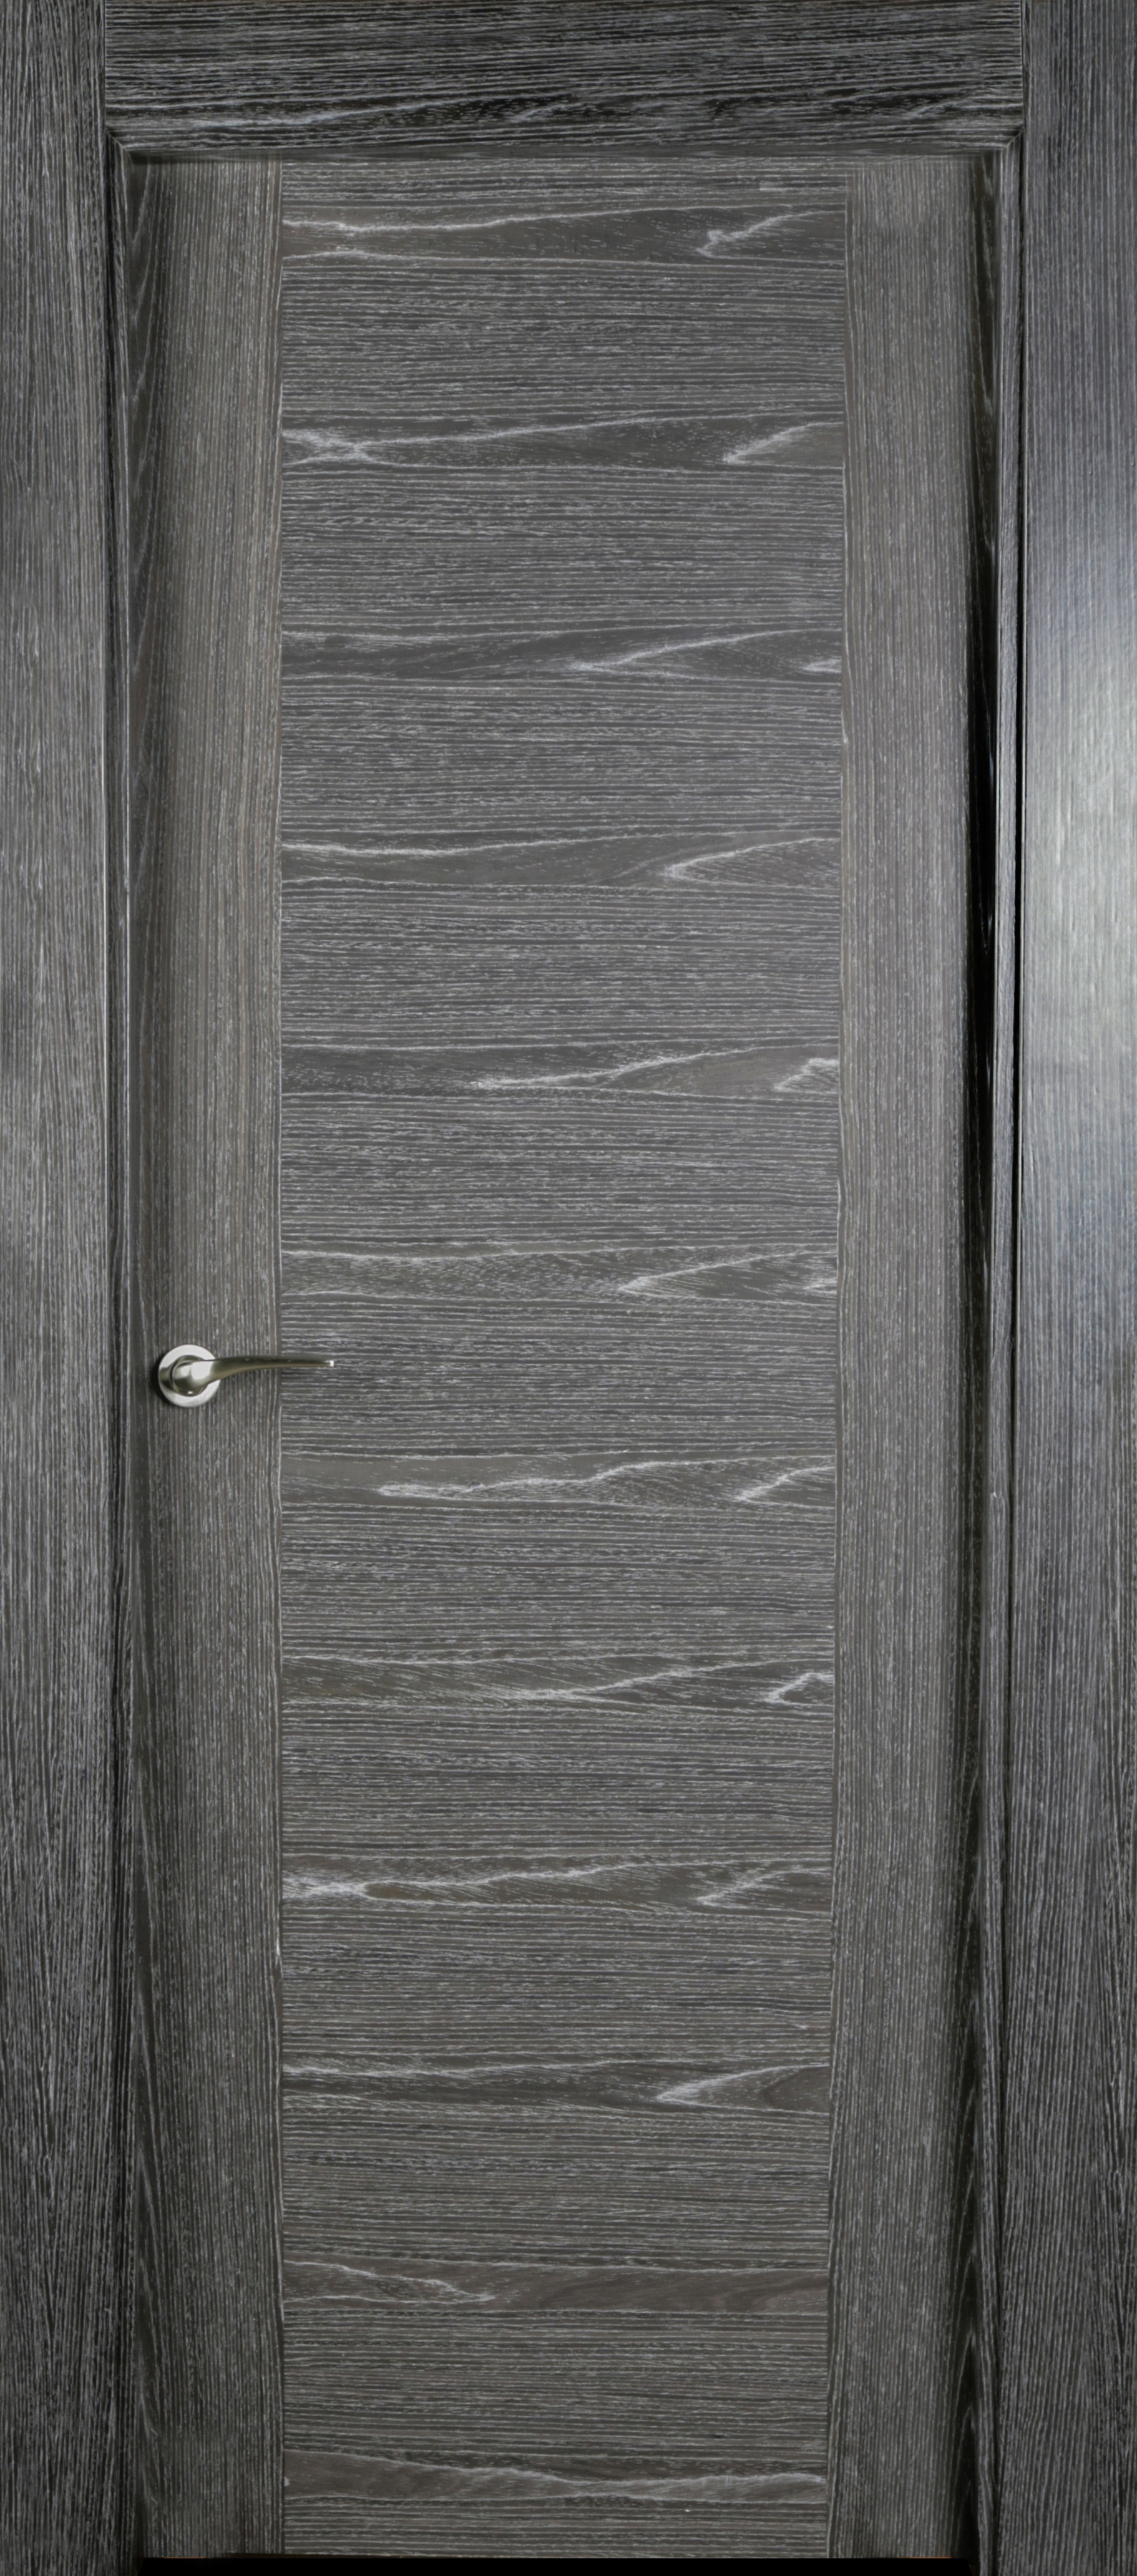 Como barnizar una puerta amazing puerta modelo rayas en roble barnizado con greca de madera - Como barnizar una puerta de madera ...